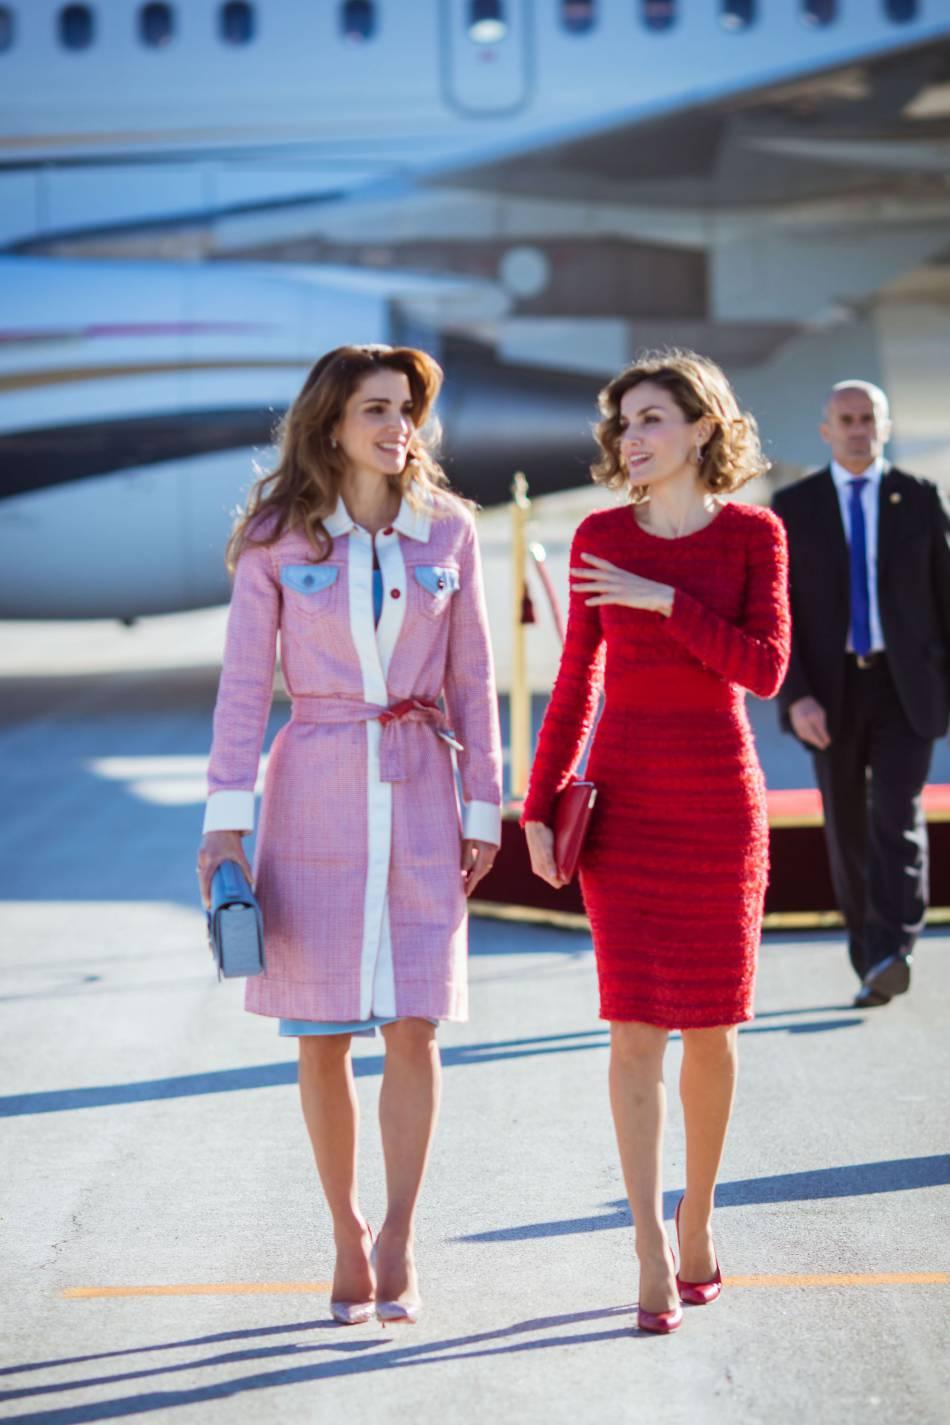 Rania de Jordanie et Letizia Ortiz à l'aéroport Barajas Adolfo Suárez à Madrid le 19 novembre 2015.